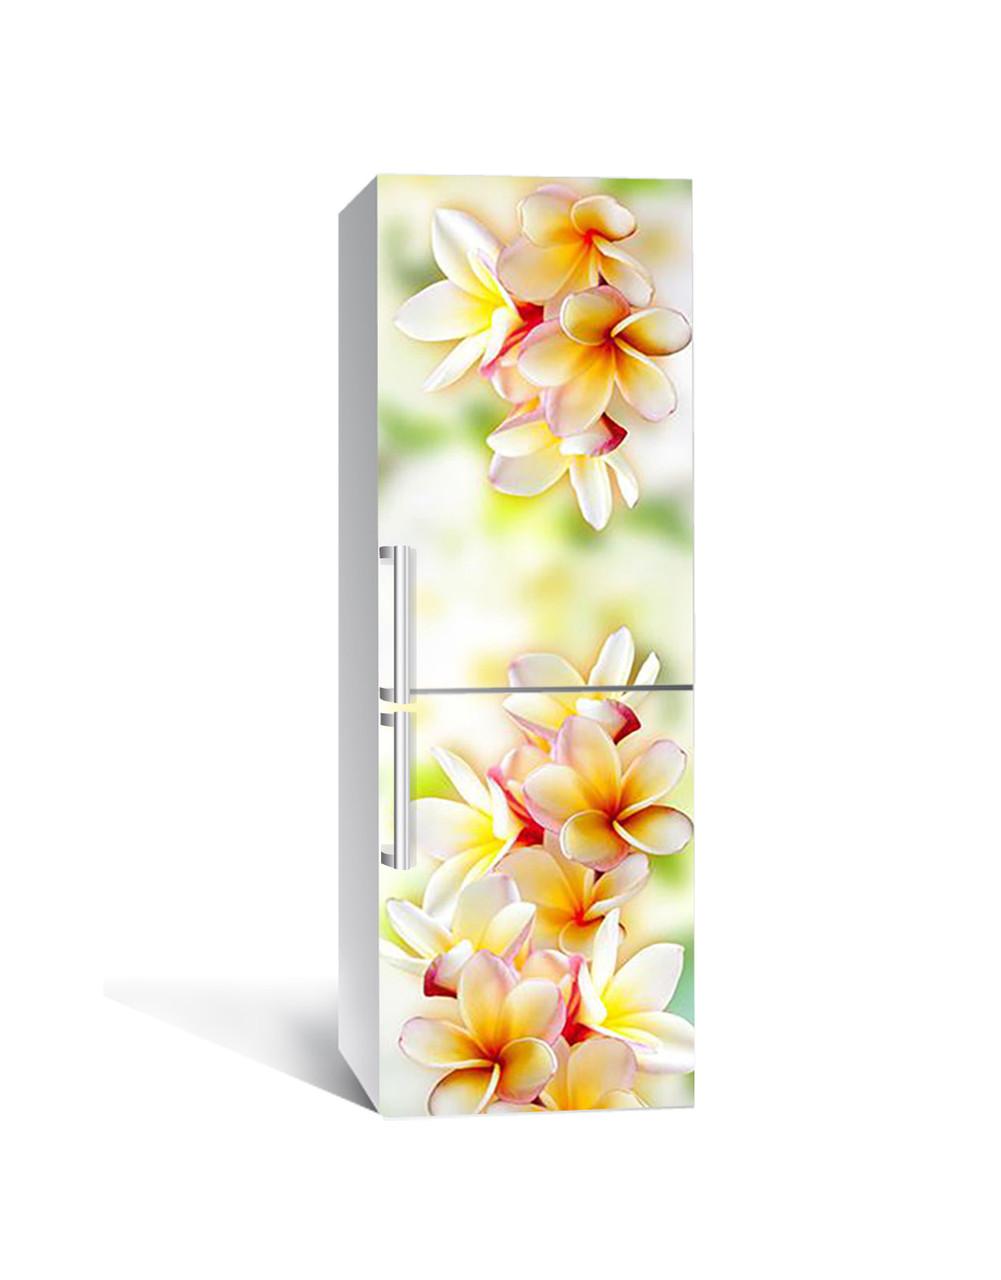 Виниловая 3Д наклейка на холодильник Гавайские Леи (ПВХ пленка самоклеющаяся) Цветы Оранжевый 650*2000 мм